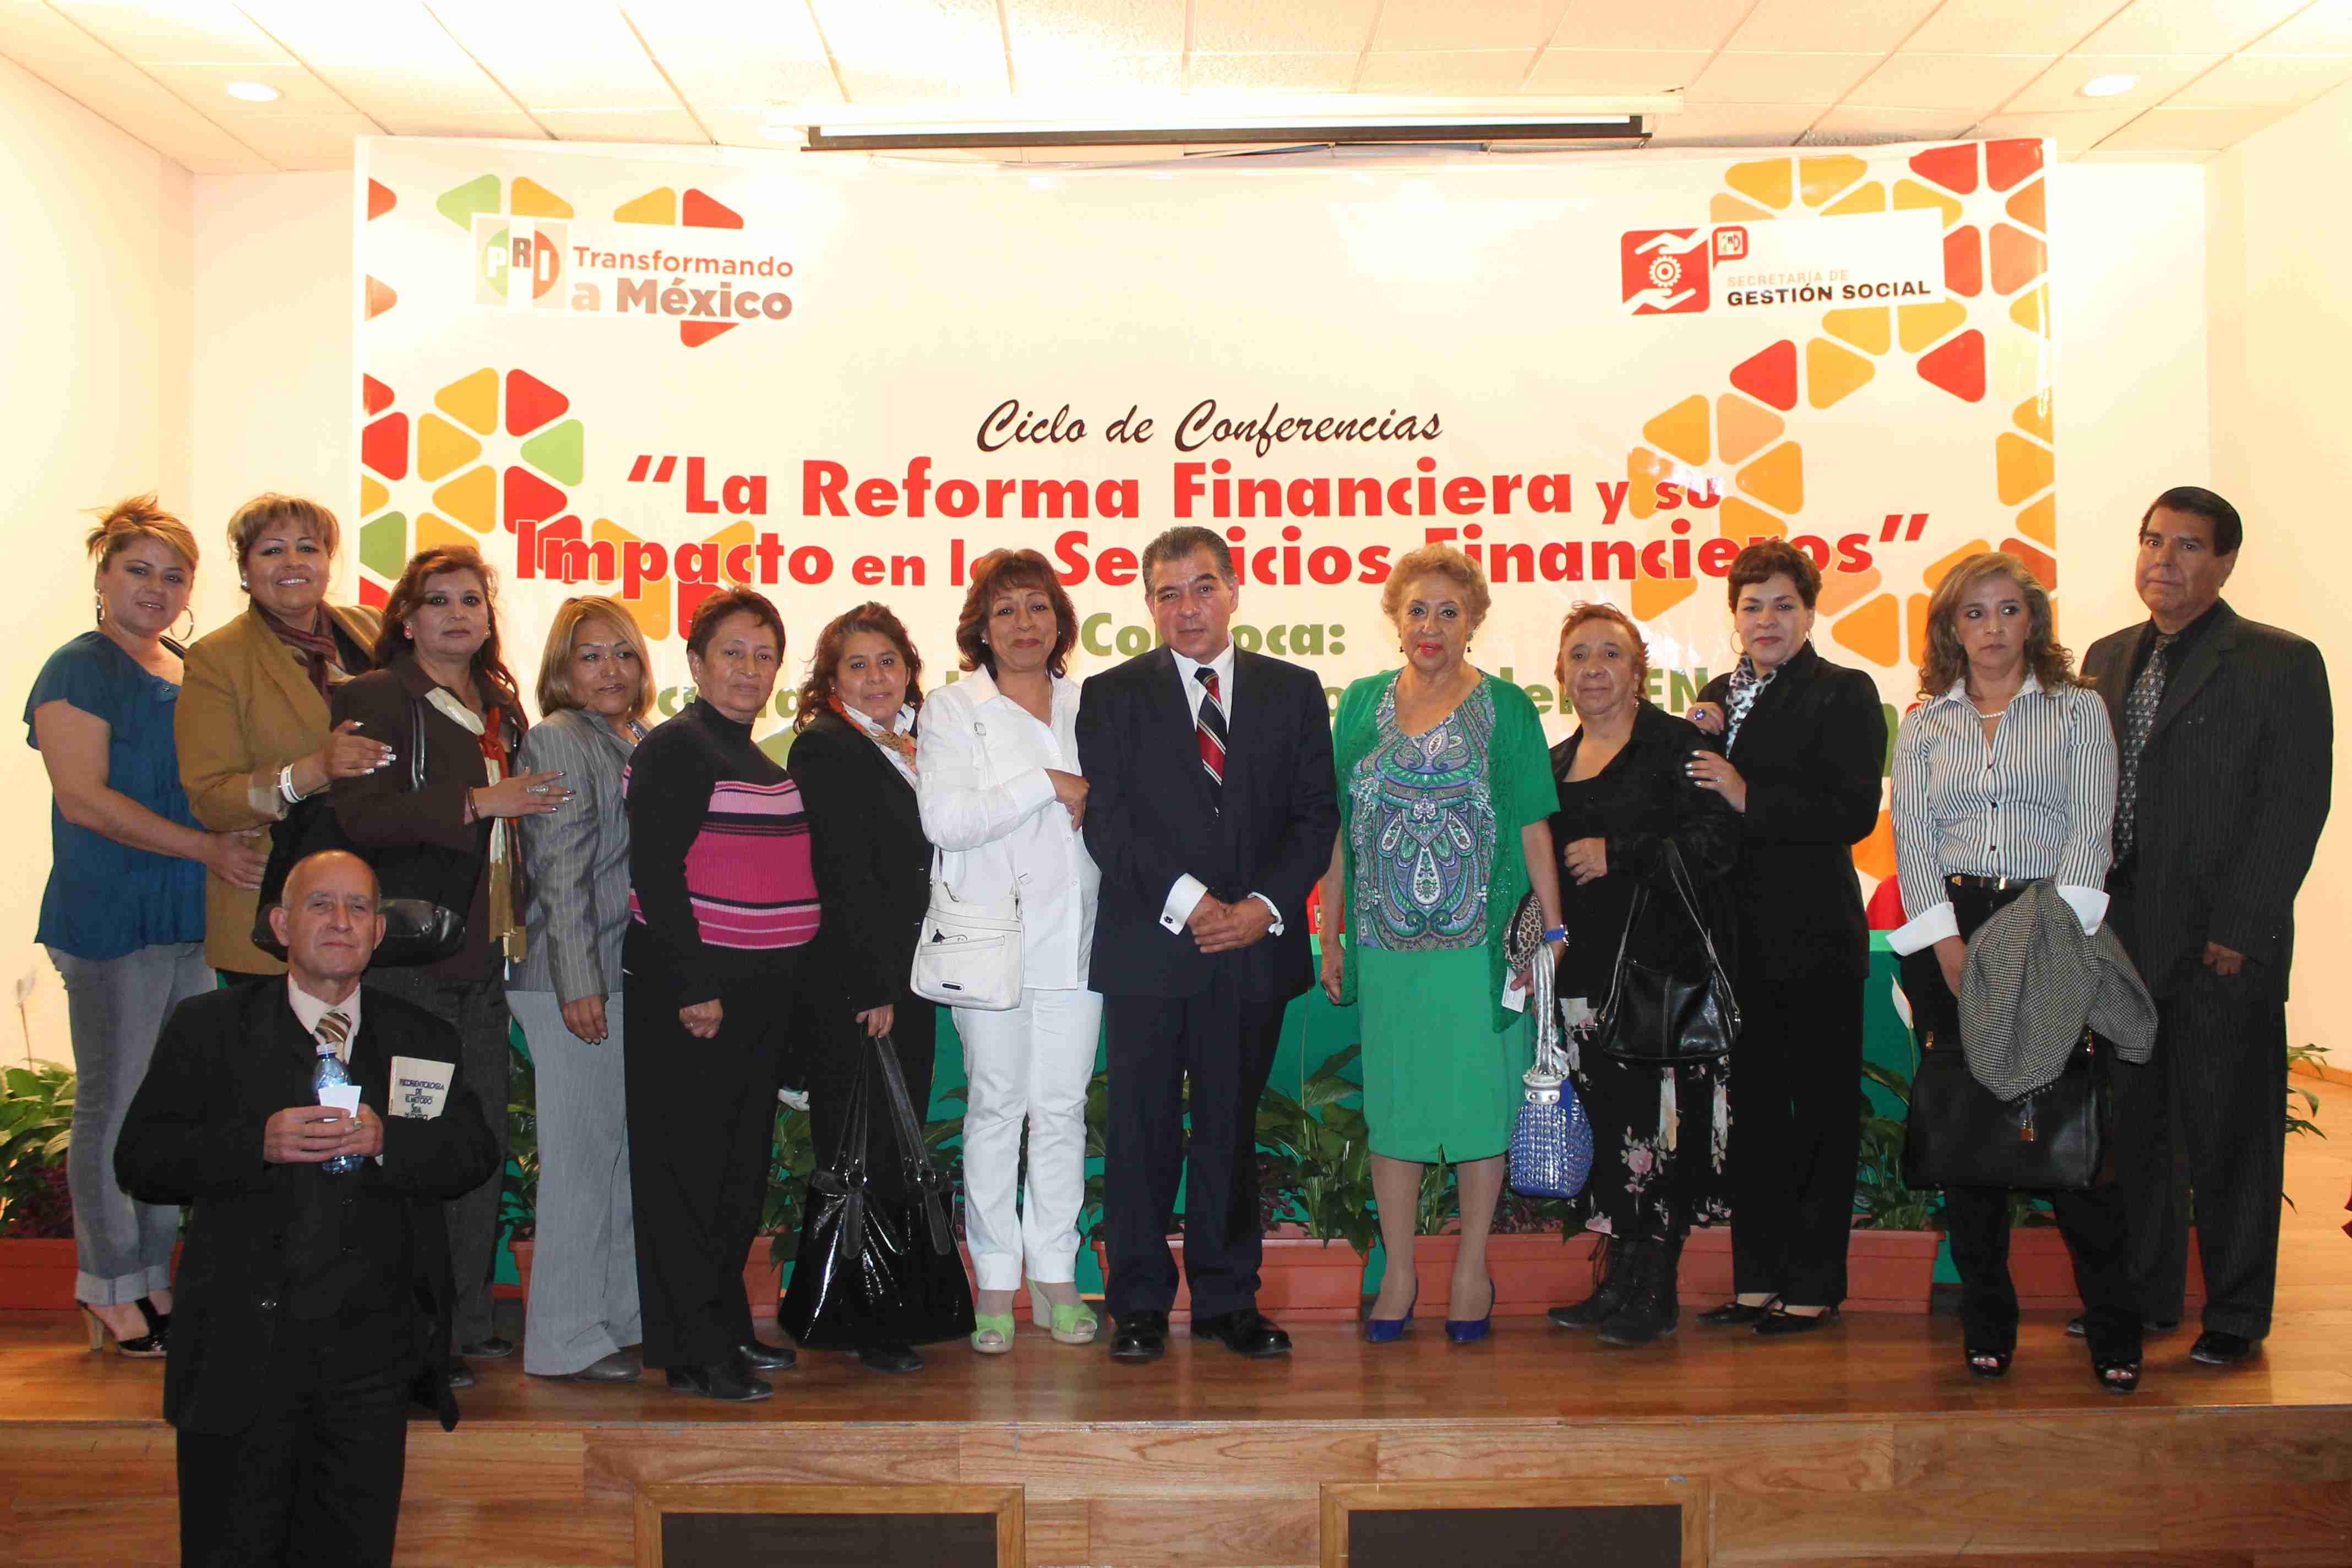 REFORMA FINANCIERA Y SU IMPACTO EN LOS SERVICIOS FINANCIEROS